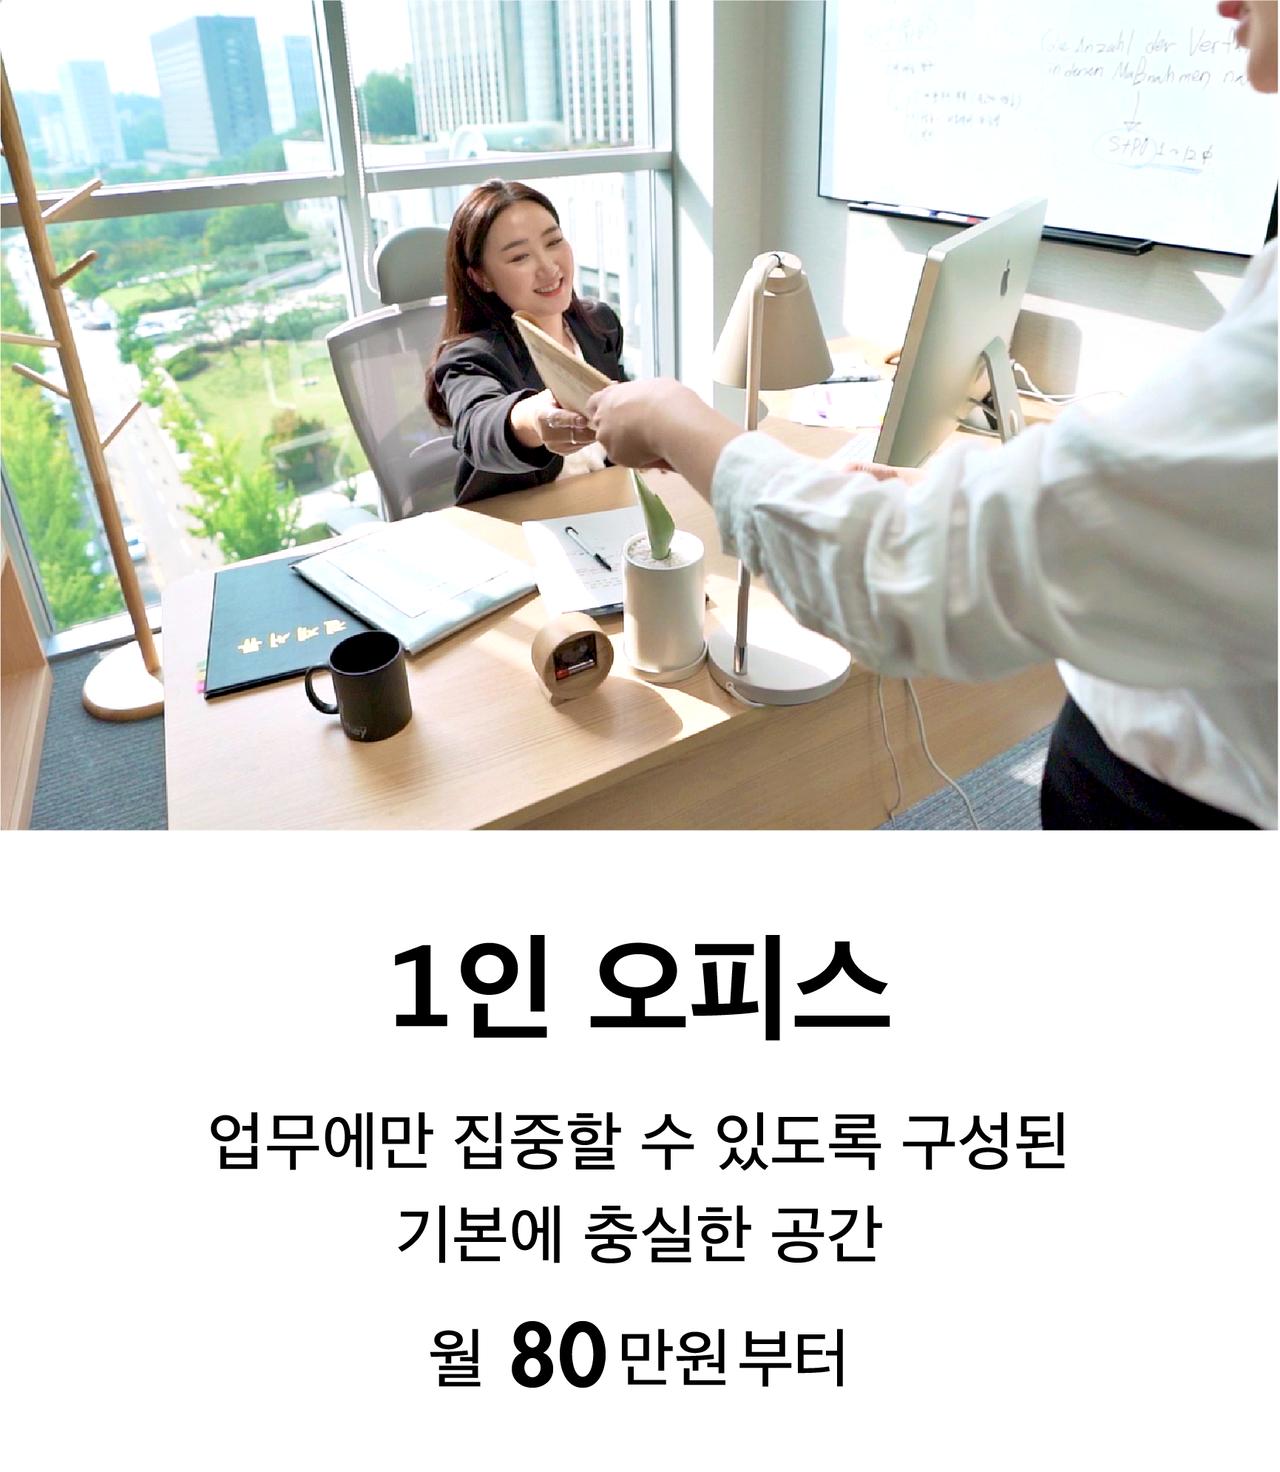 넥스트데이 멤버십 - 1인오피스